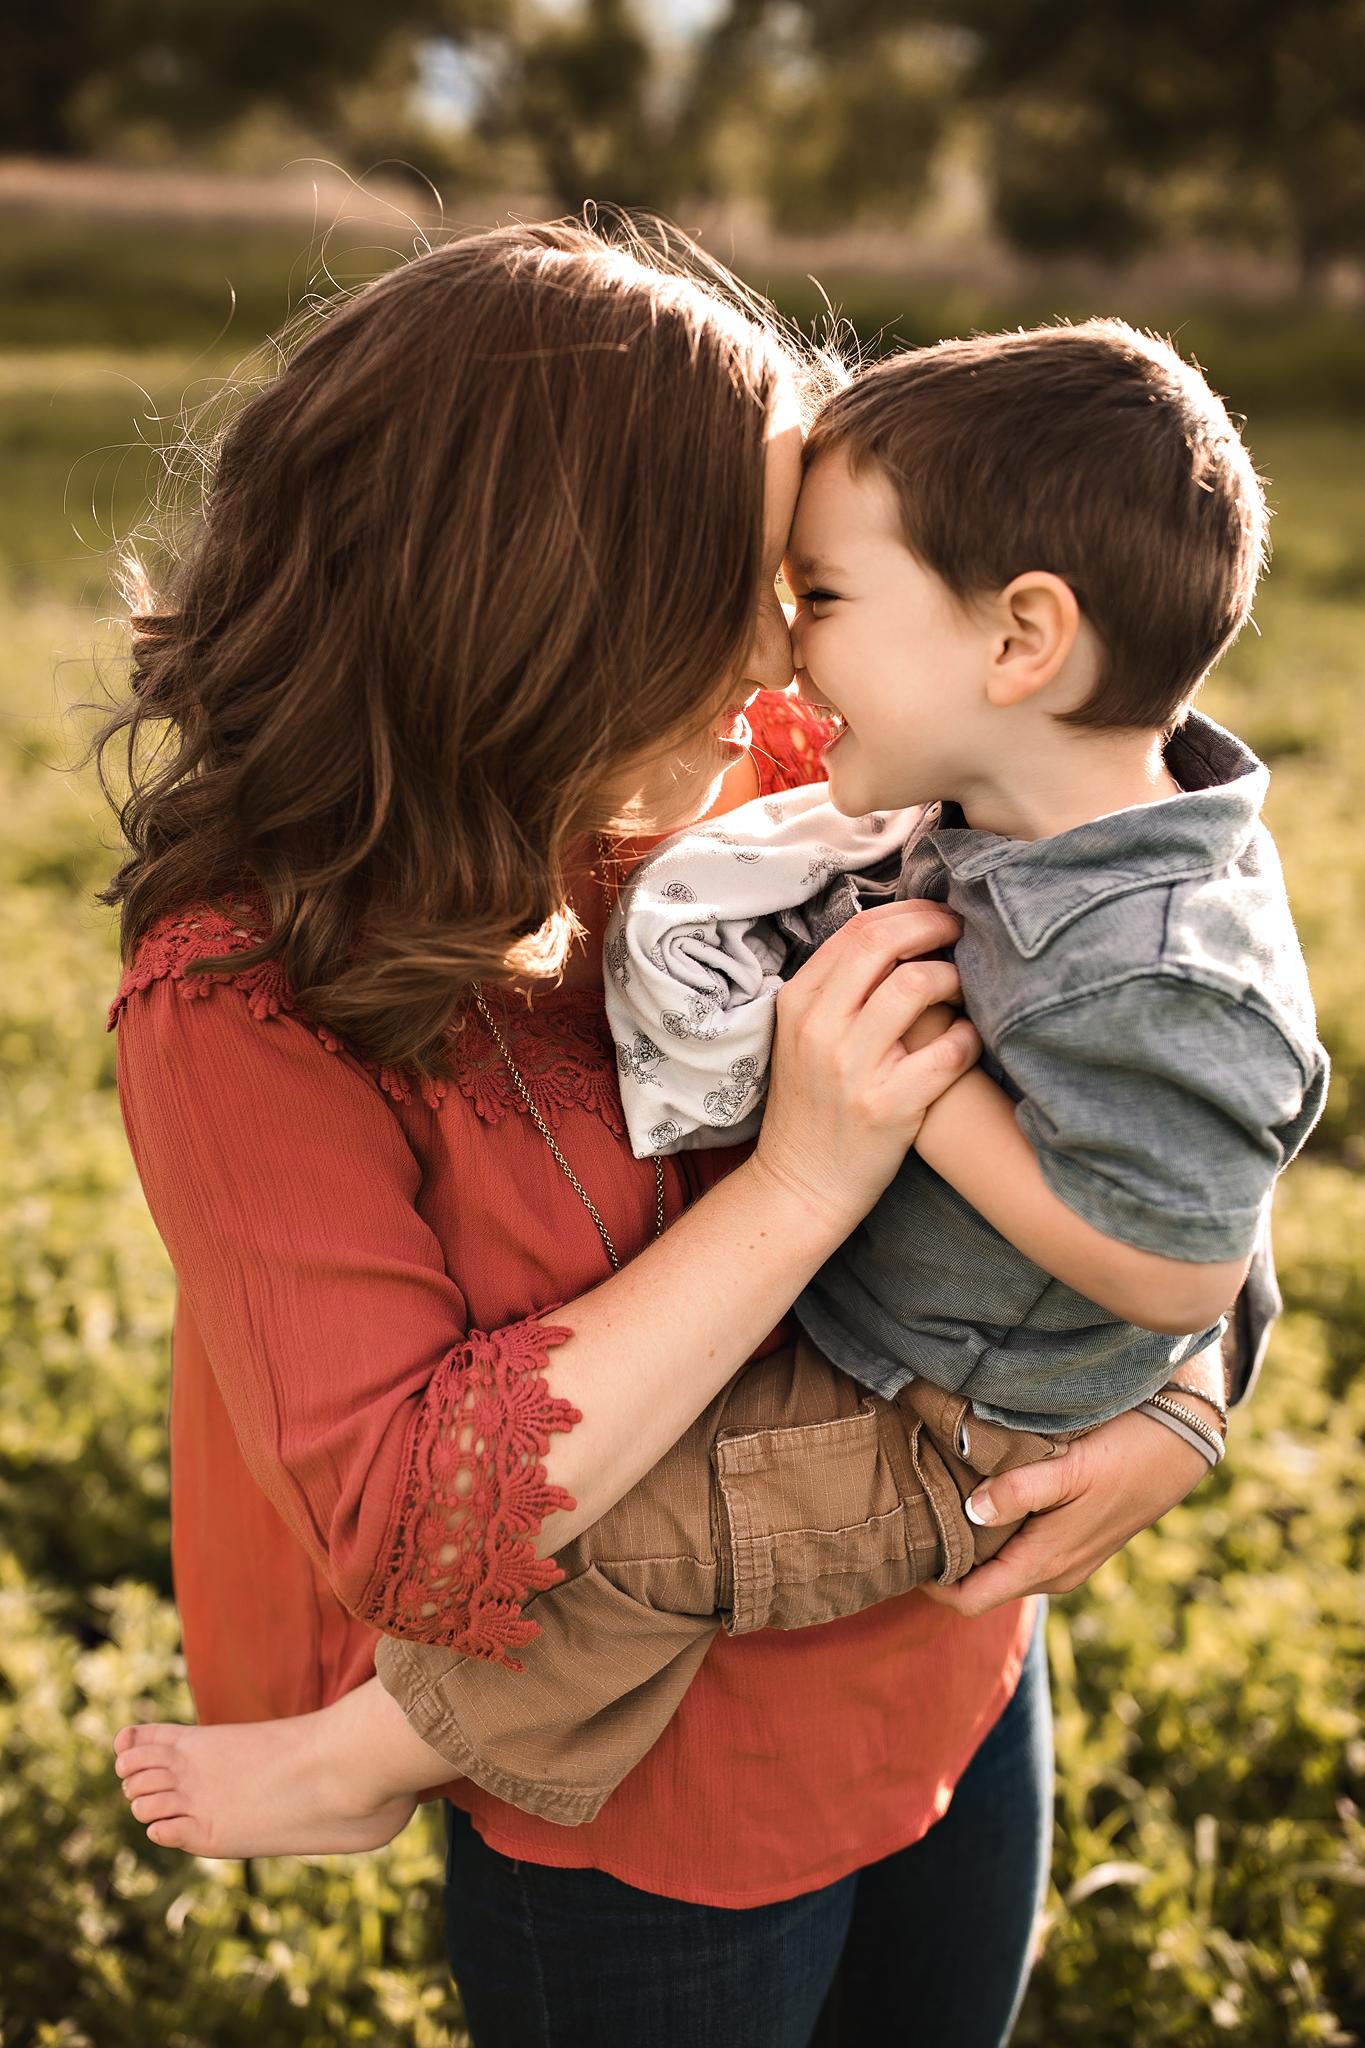 A mama's love